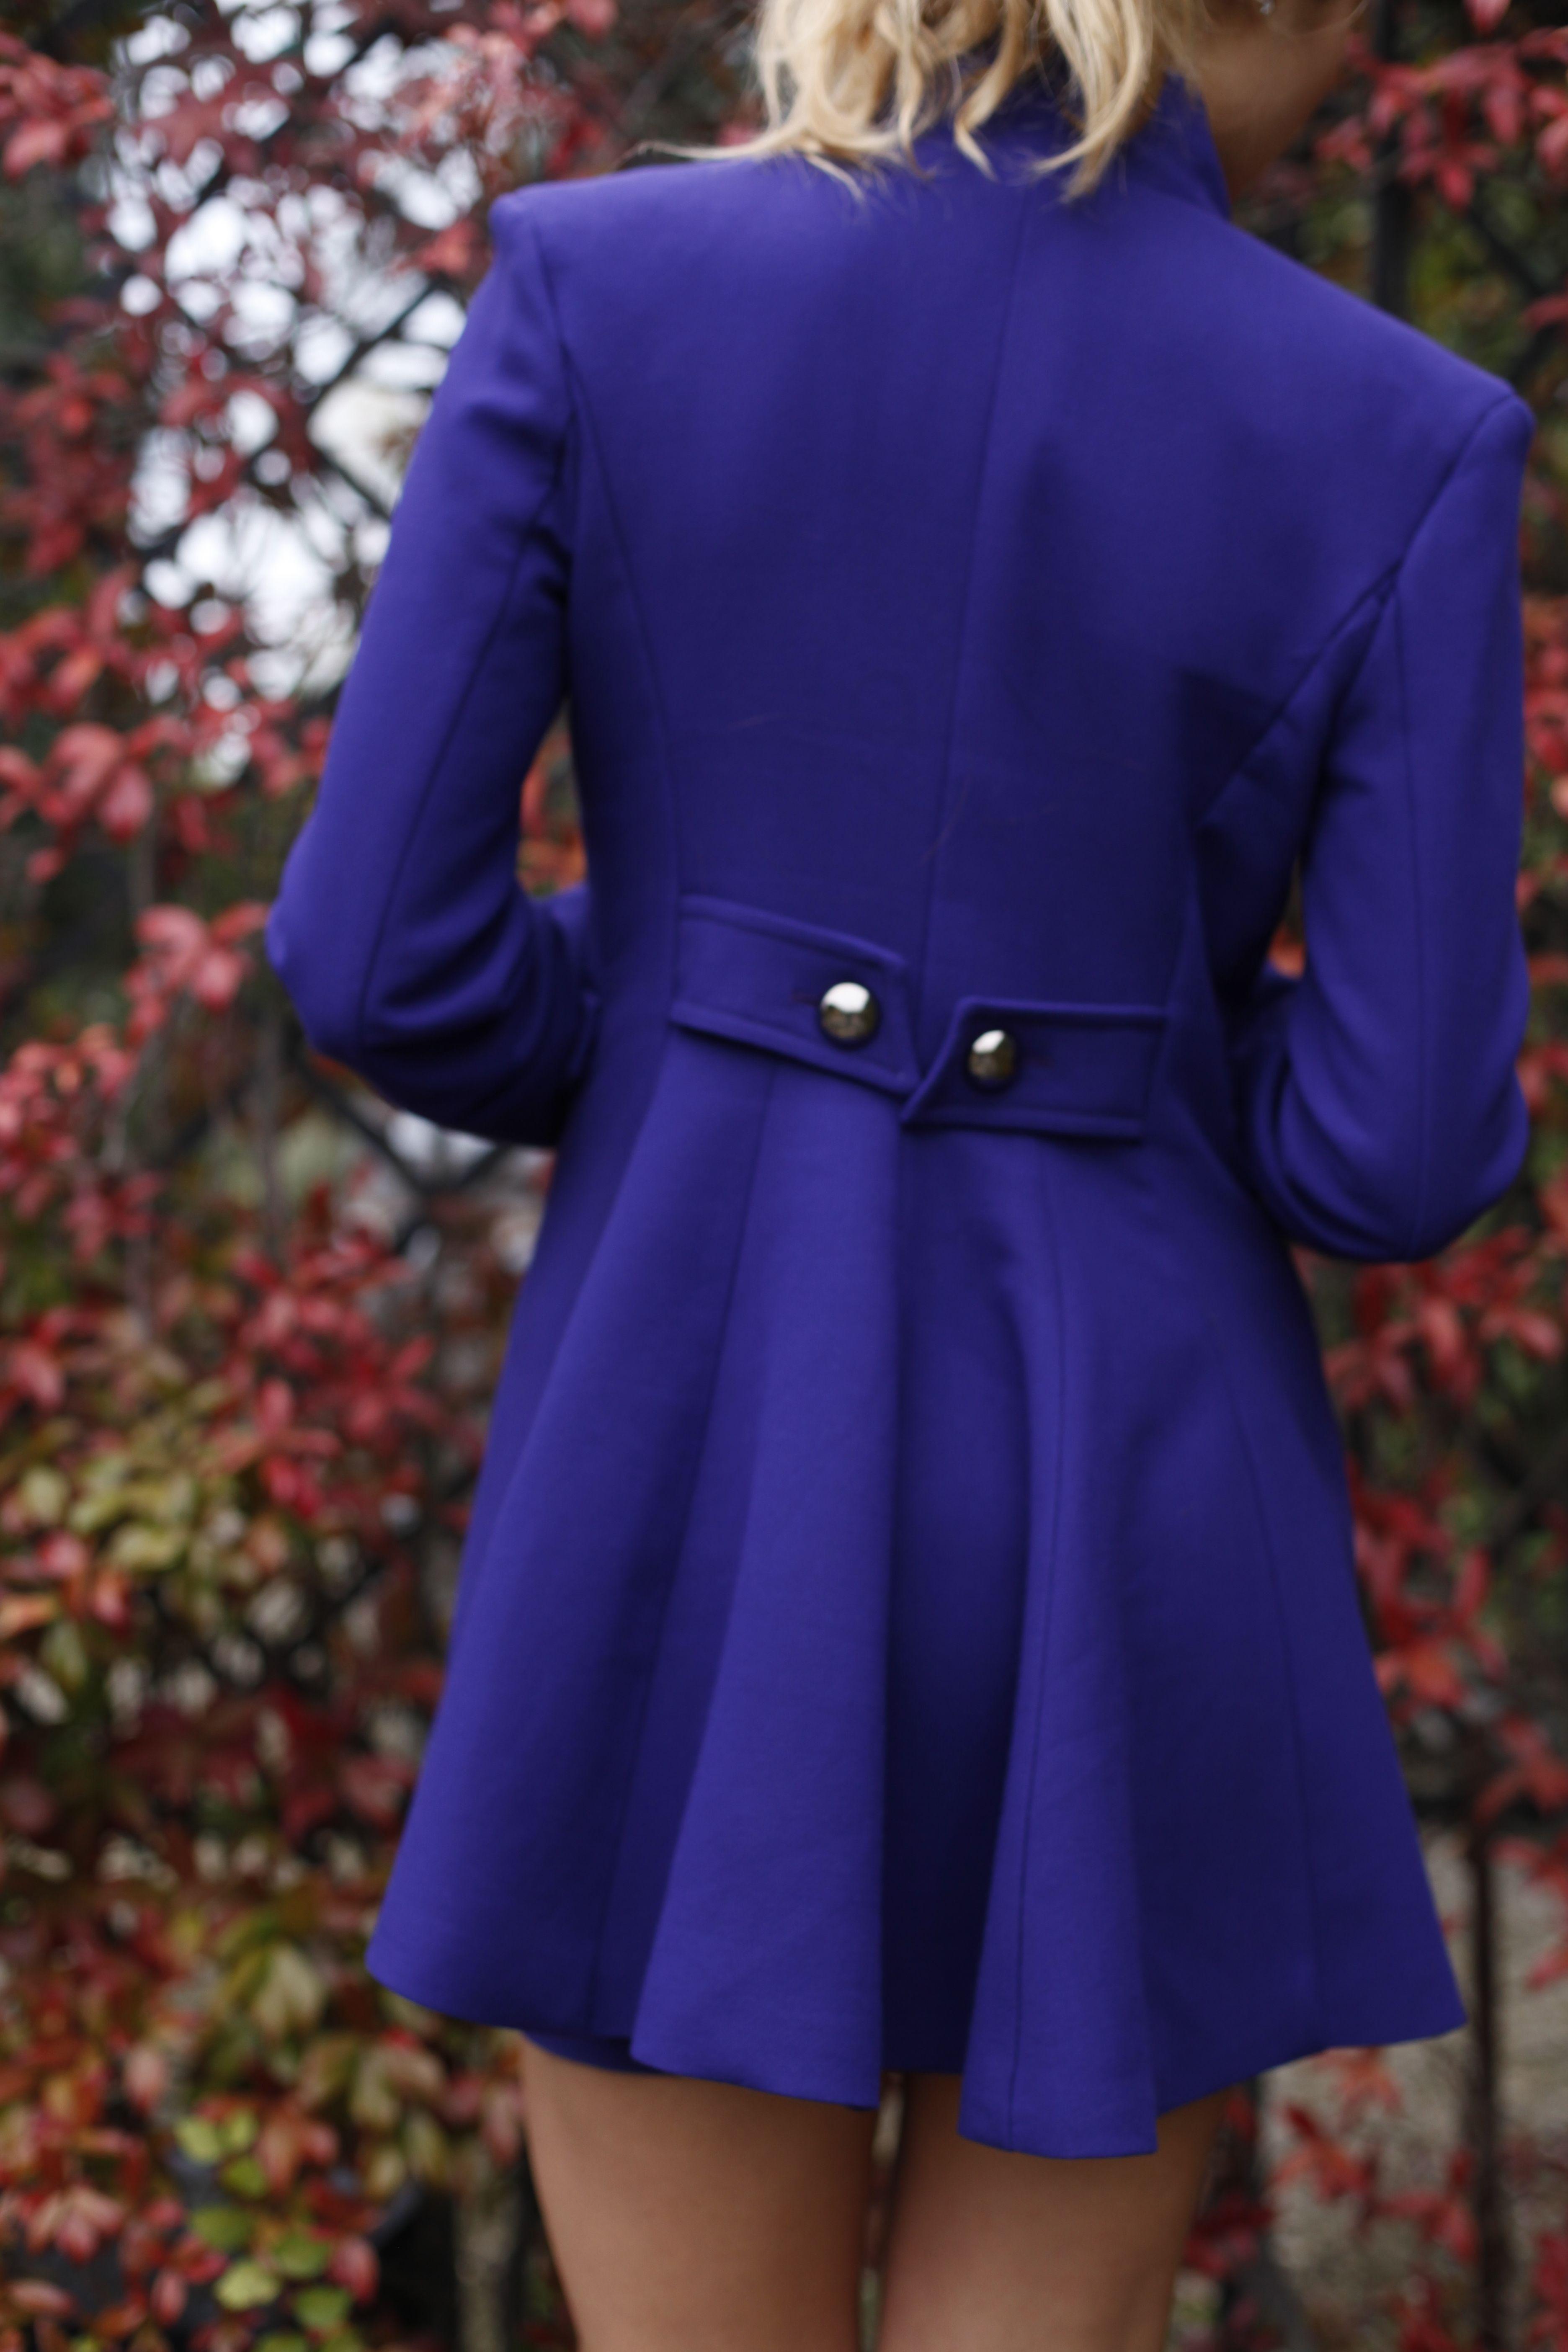 #dettaglio #cappotto #bottoni #viola #freschezza www.cinziarei.com